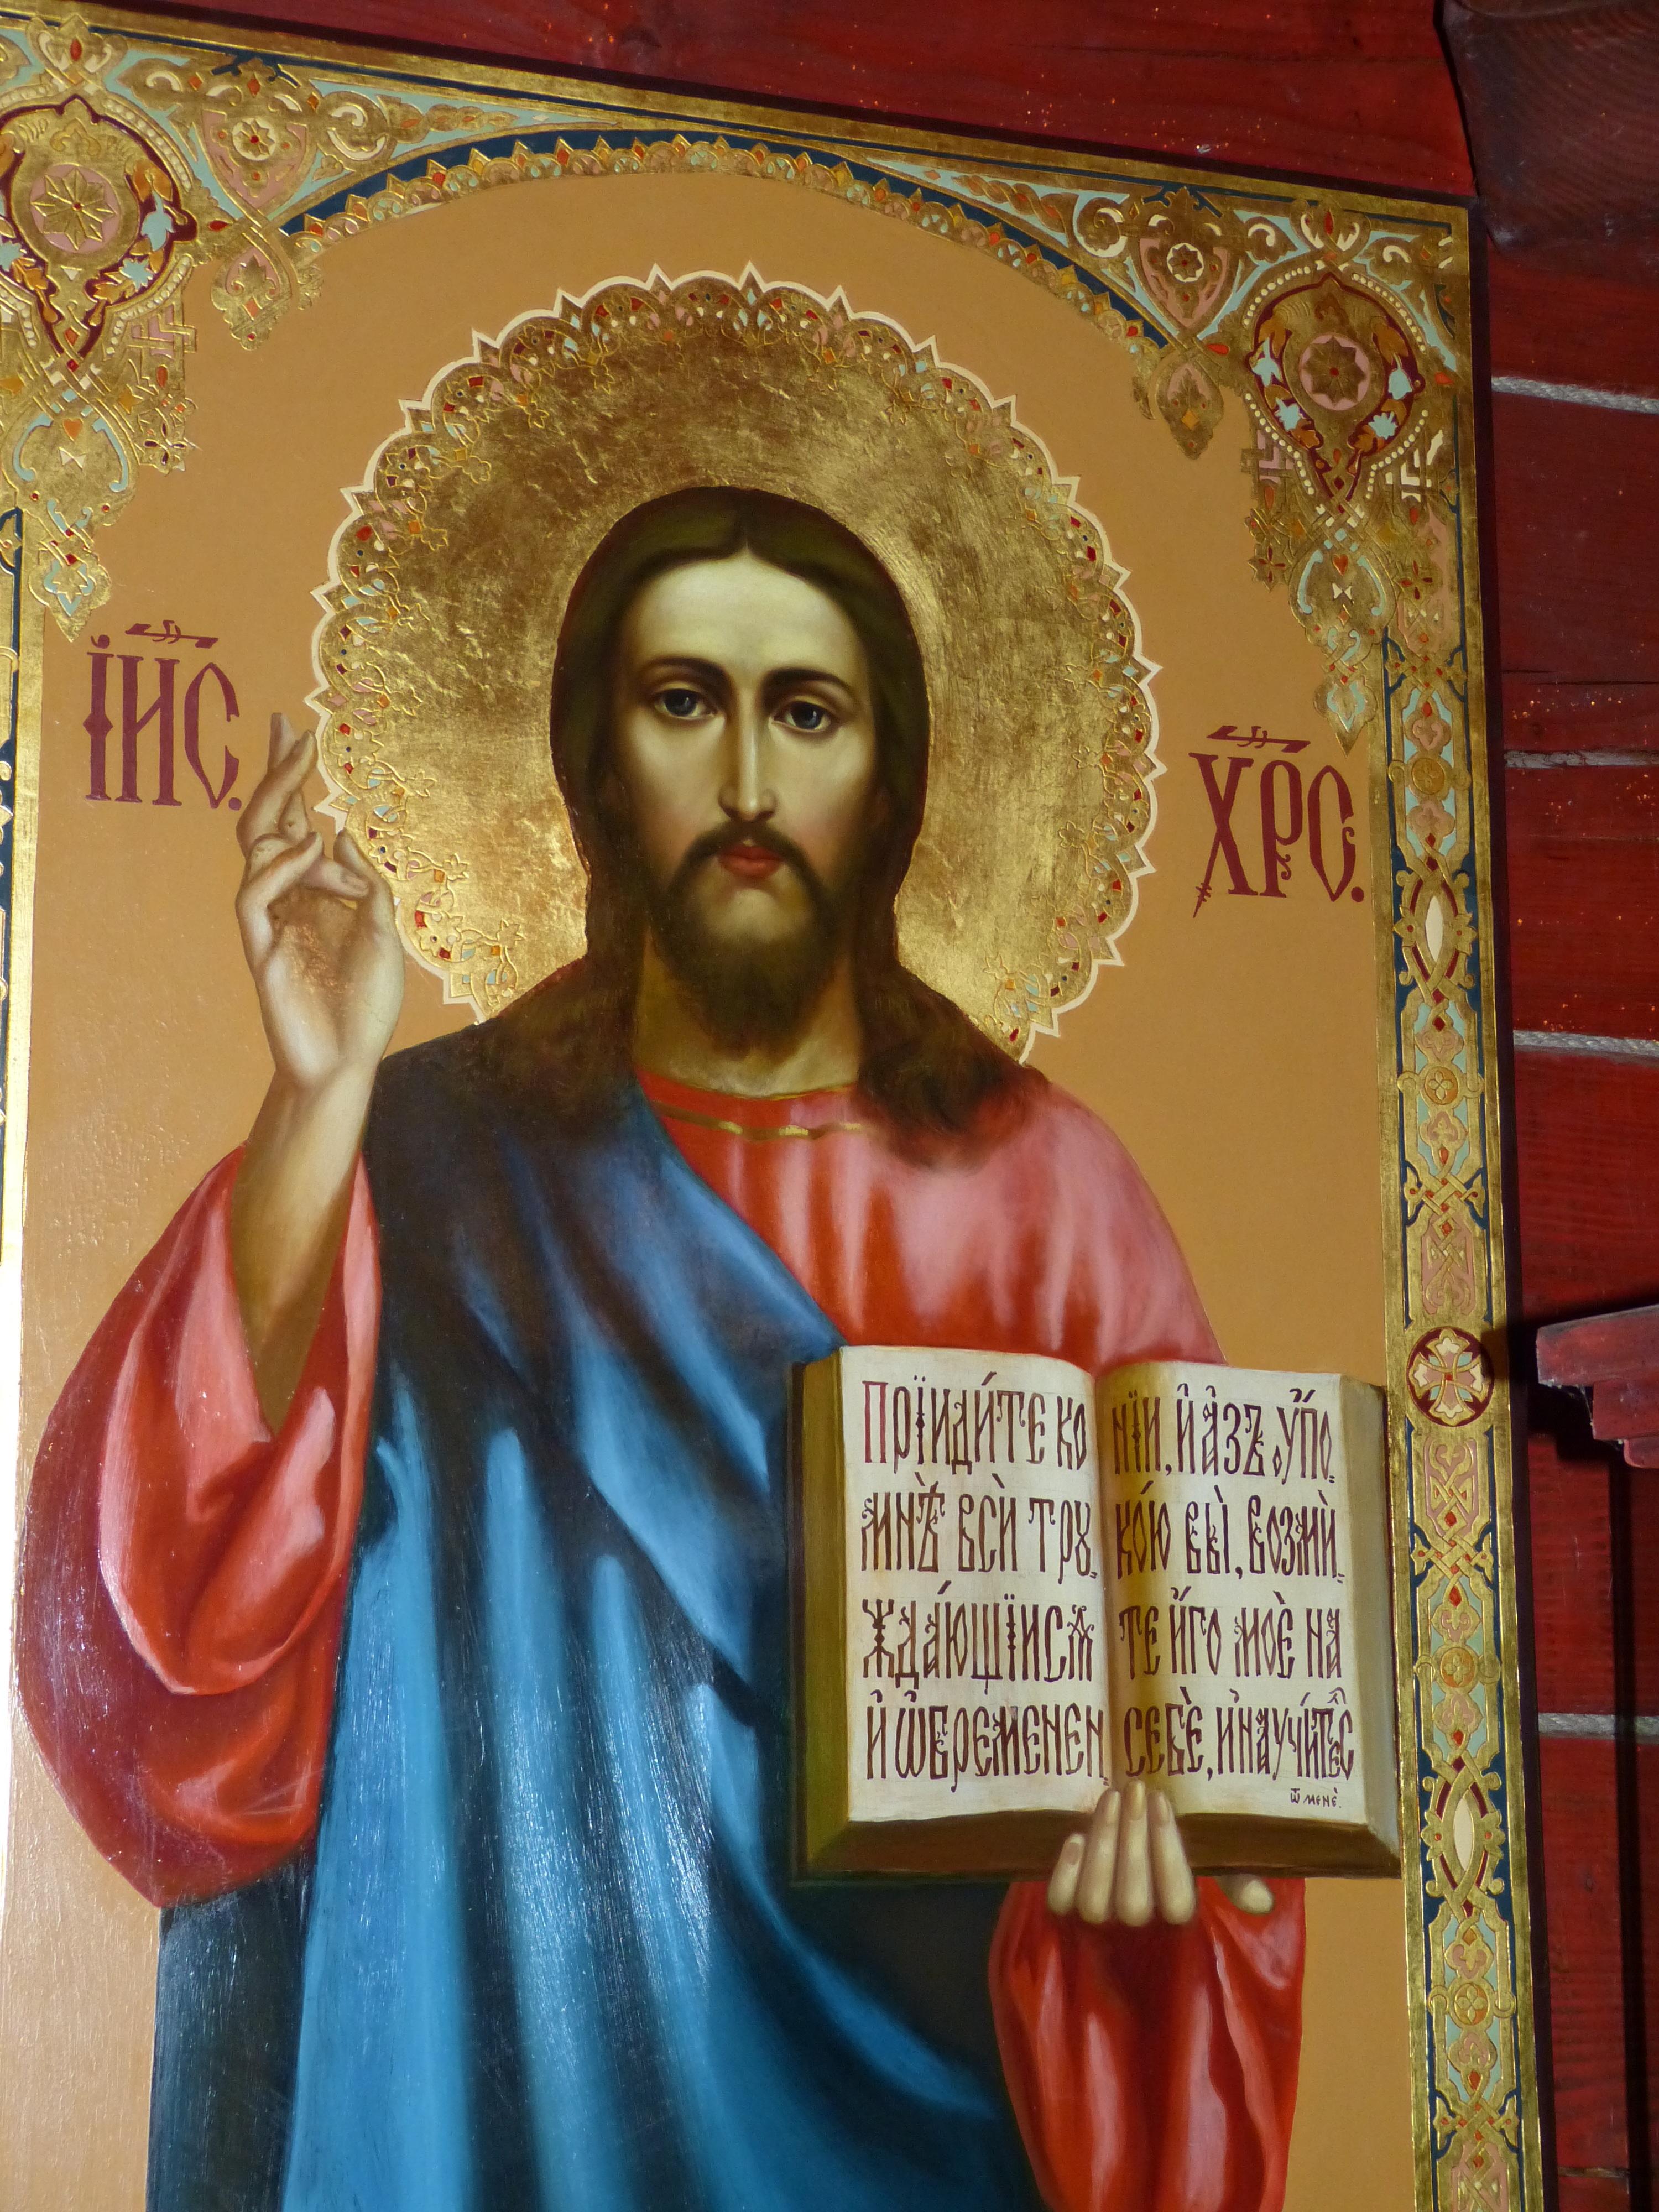 Ortodoks simgeler: Yüce Kurtarıcının simgesi